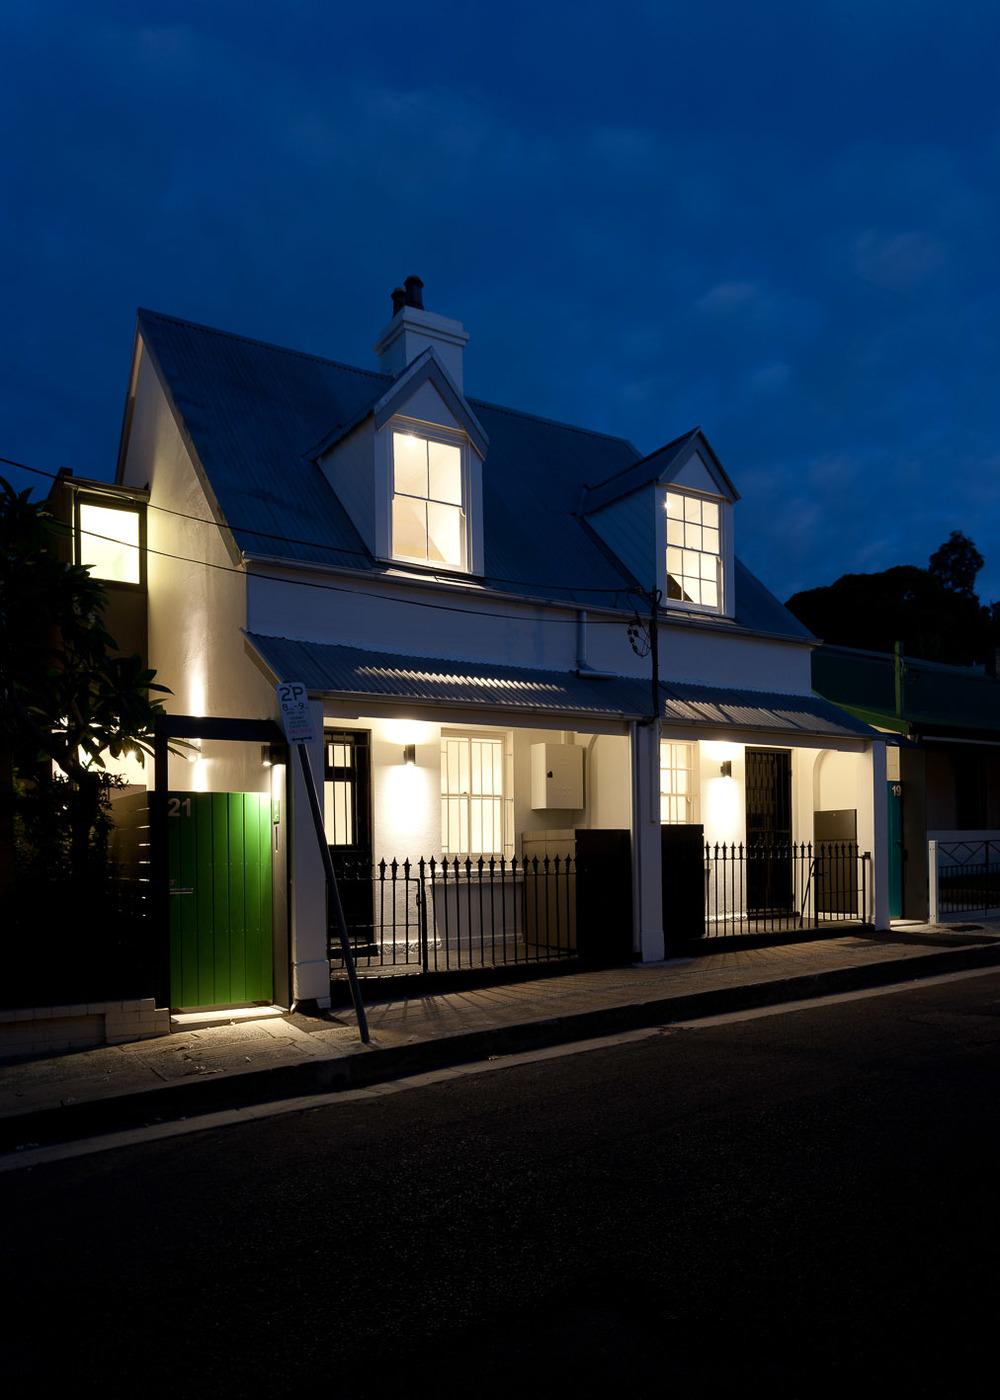 woollahra houses-14.jpg